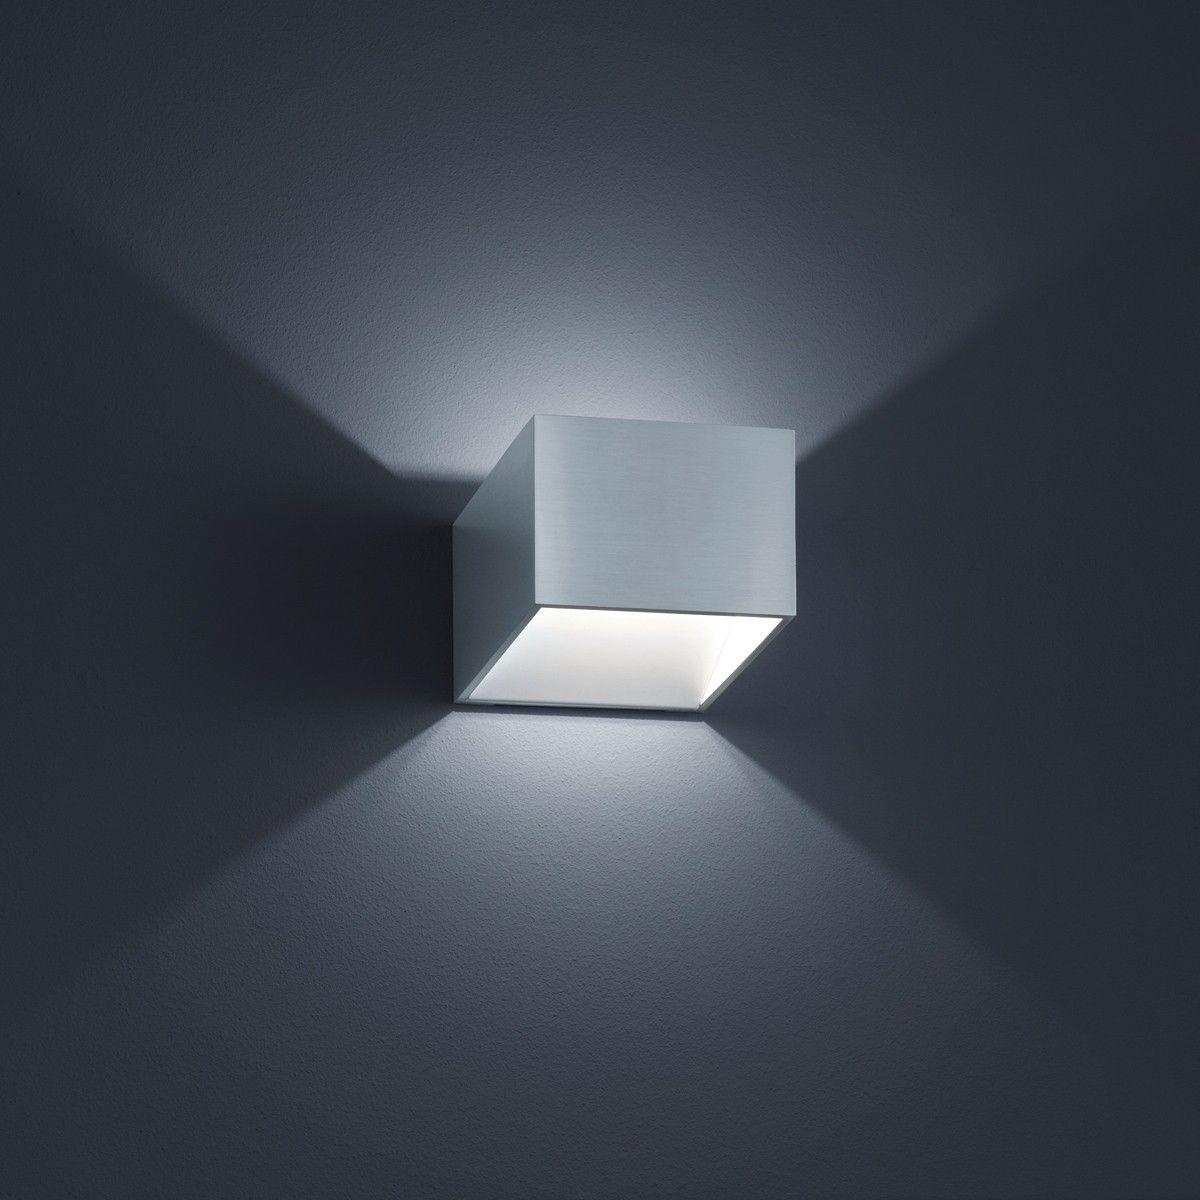 Wandlampen Innen Modern Wandbeleuchtung Badezimmer Wandleuchte Kinderzimmer Batterie Wandlampen Innen Mit Fernbedienung Wandleuchte Wandbeleuchtung Led